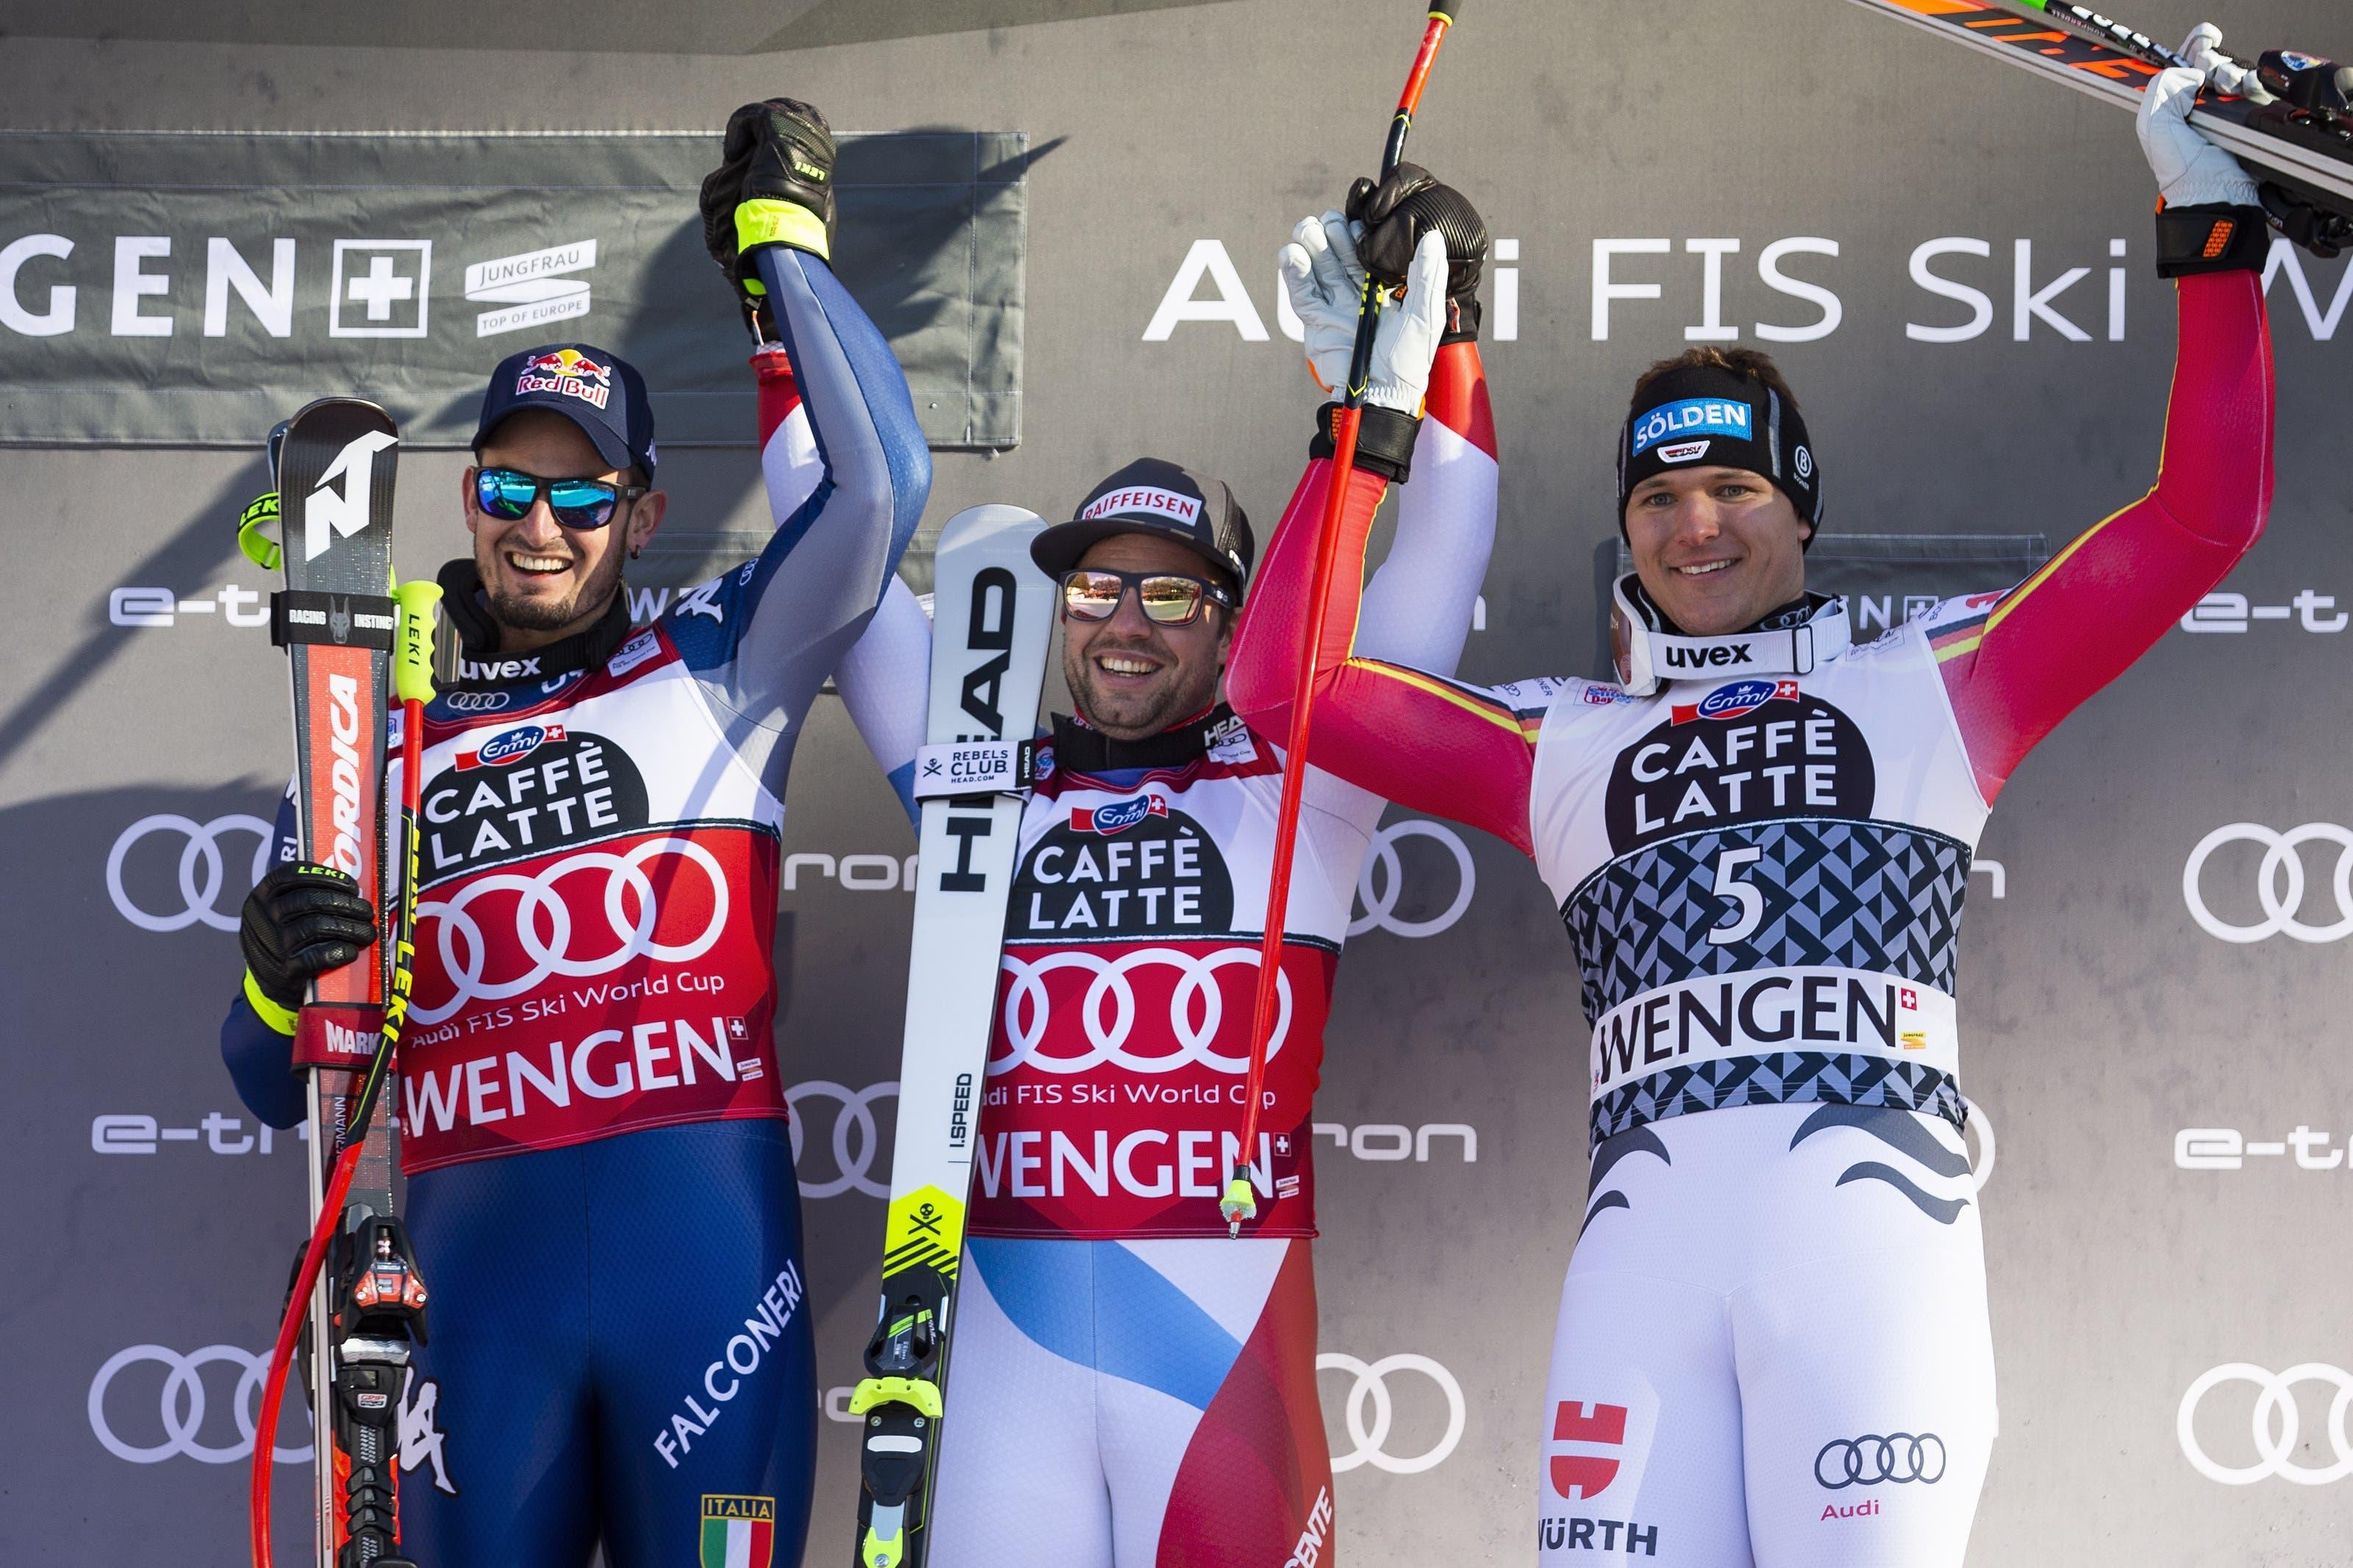 Feuz stand zum 16. Mal in den letzten 18 Abfahrten und zum fünften Mal im fünften Rennen dieses Winters auf dem Podest.